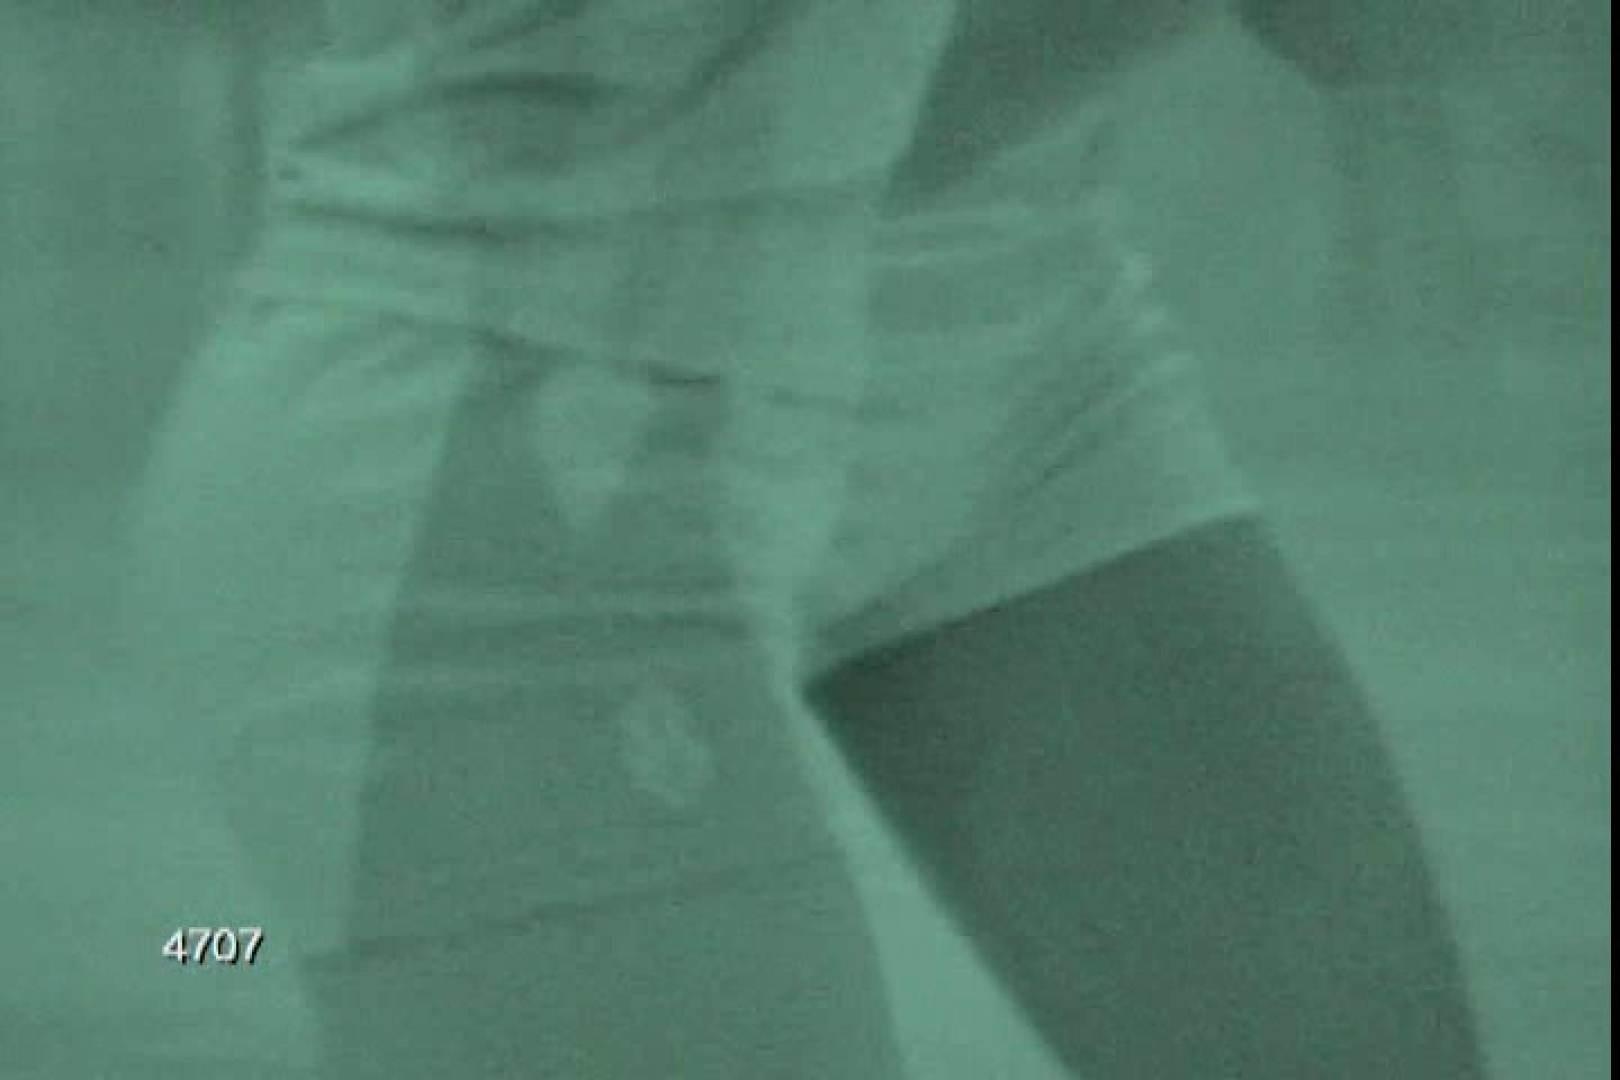 赤外線ムレスケバレー(汗) vol.04 OLのエロ生活 性交動画流出 99連発 38